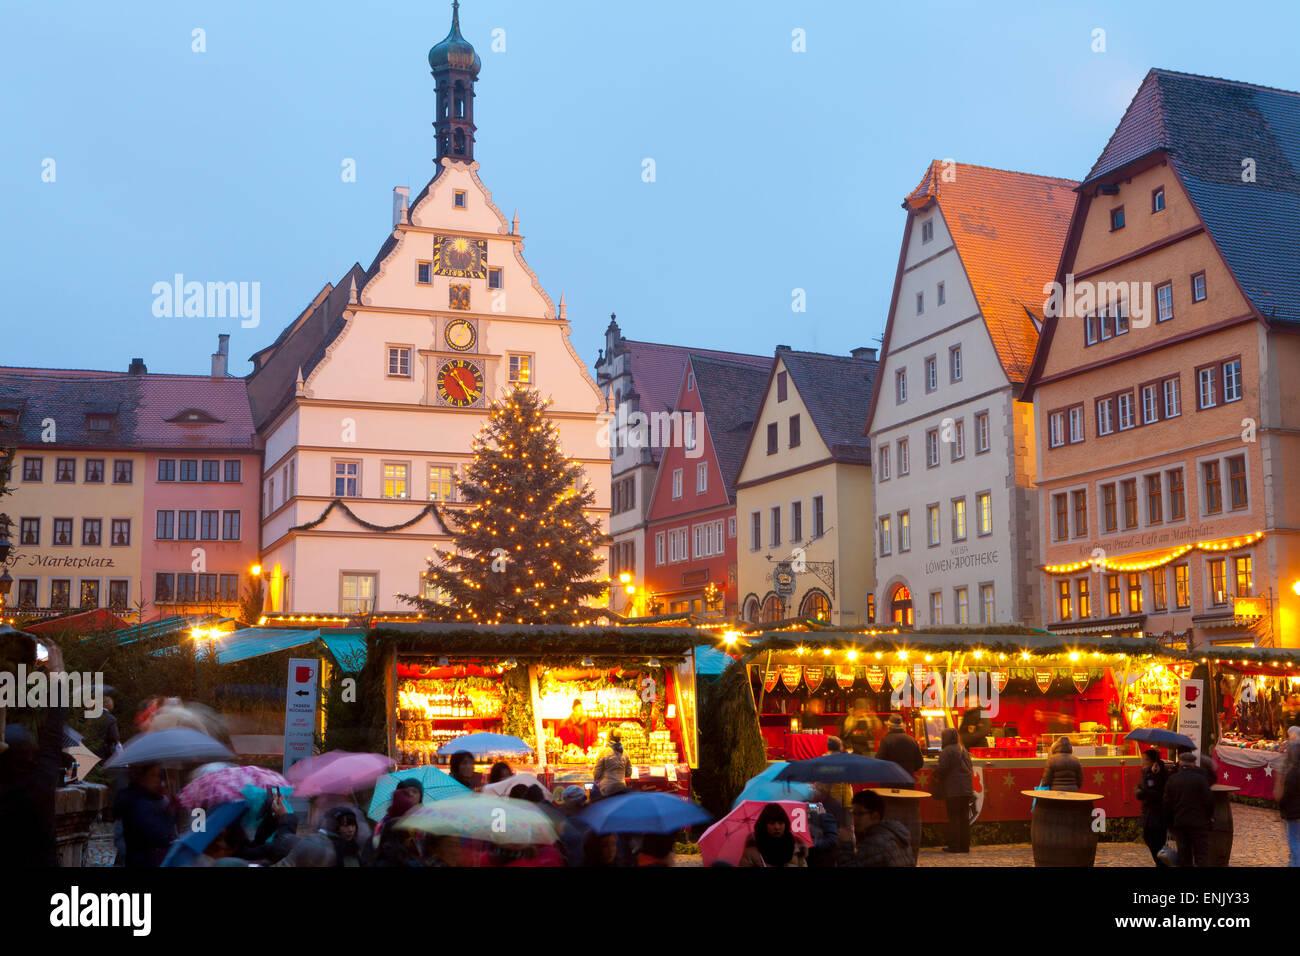 Weihnachtsmarkt, Rothenburg Ob der Tauber, Bayern, Deutschland, Europa Stockbild